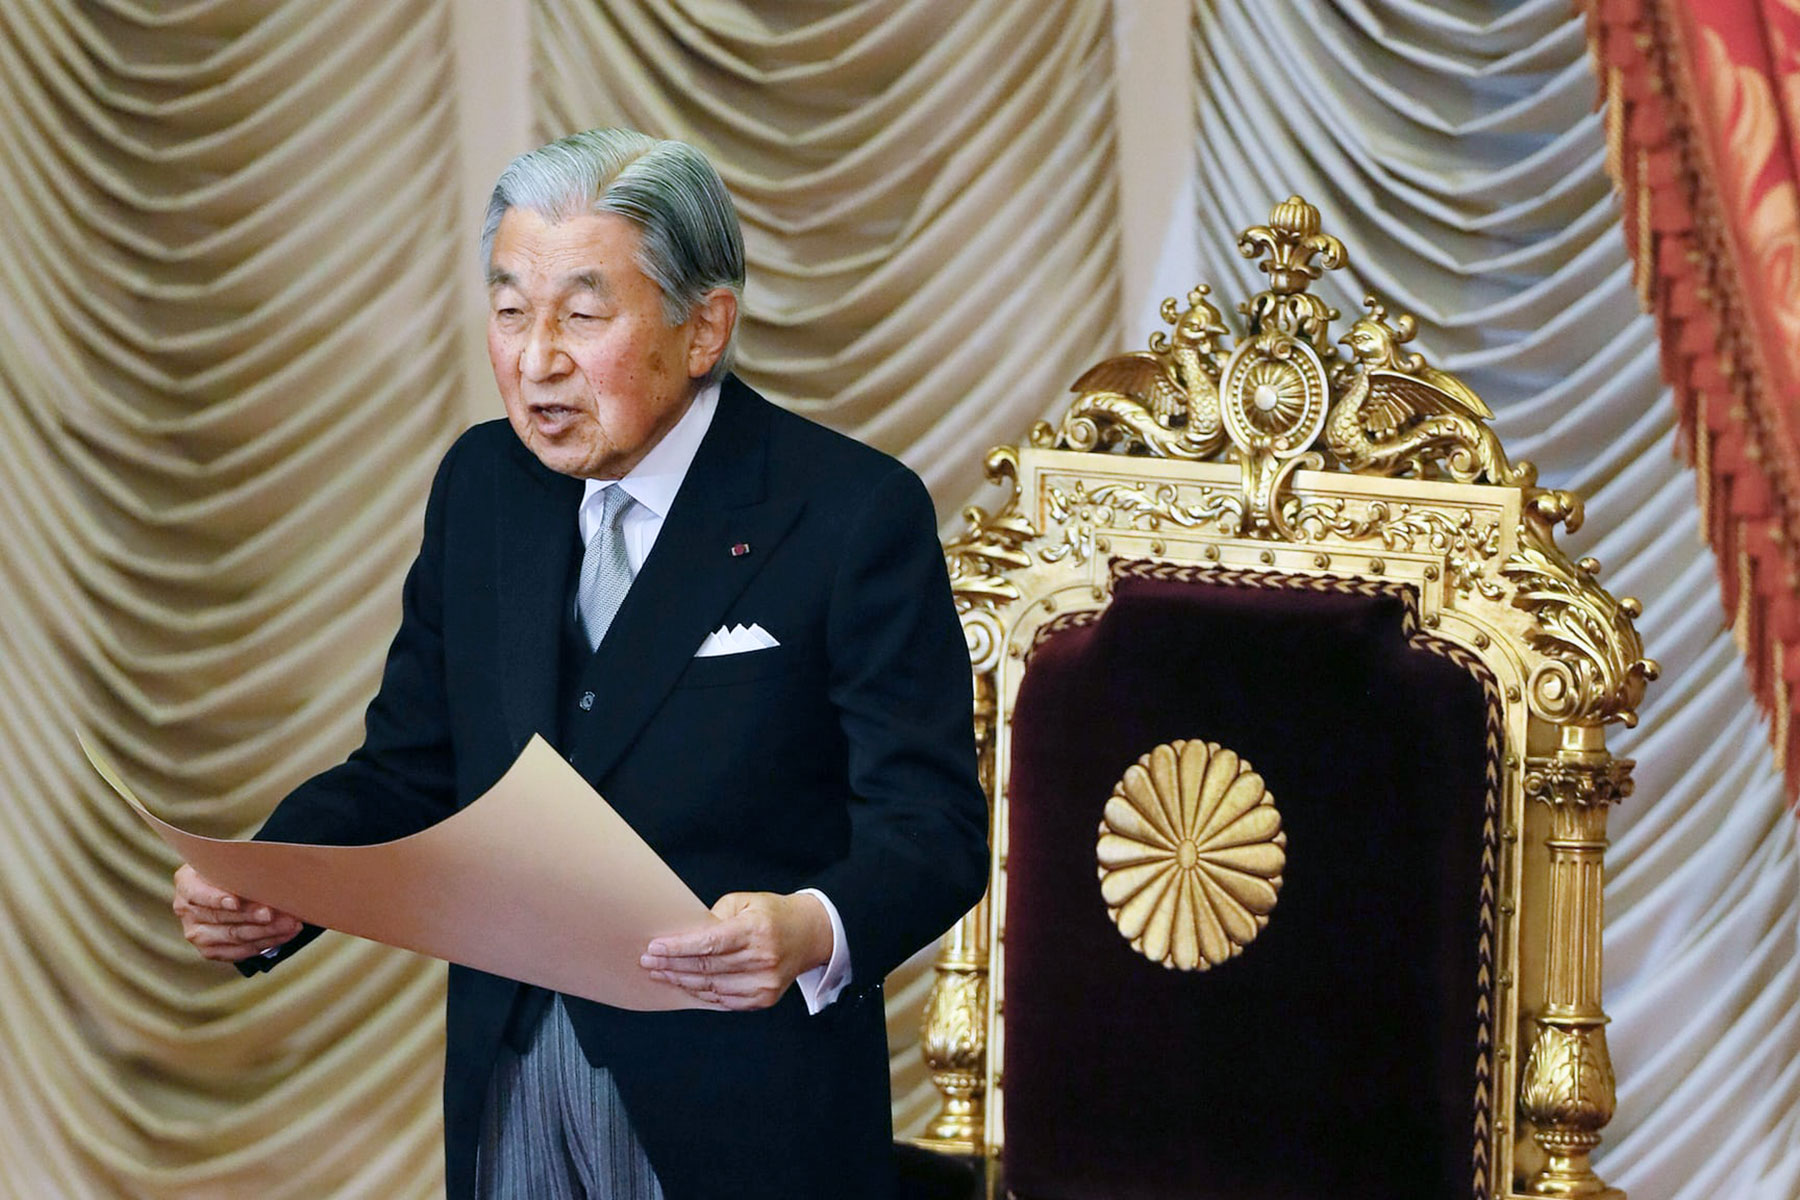 Abdication of Emperor Akihito could trigger Japan's Y2K ...